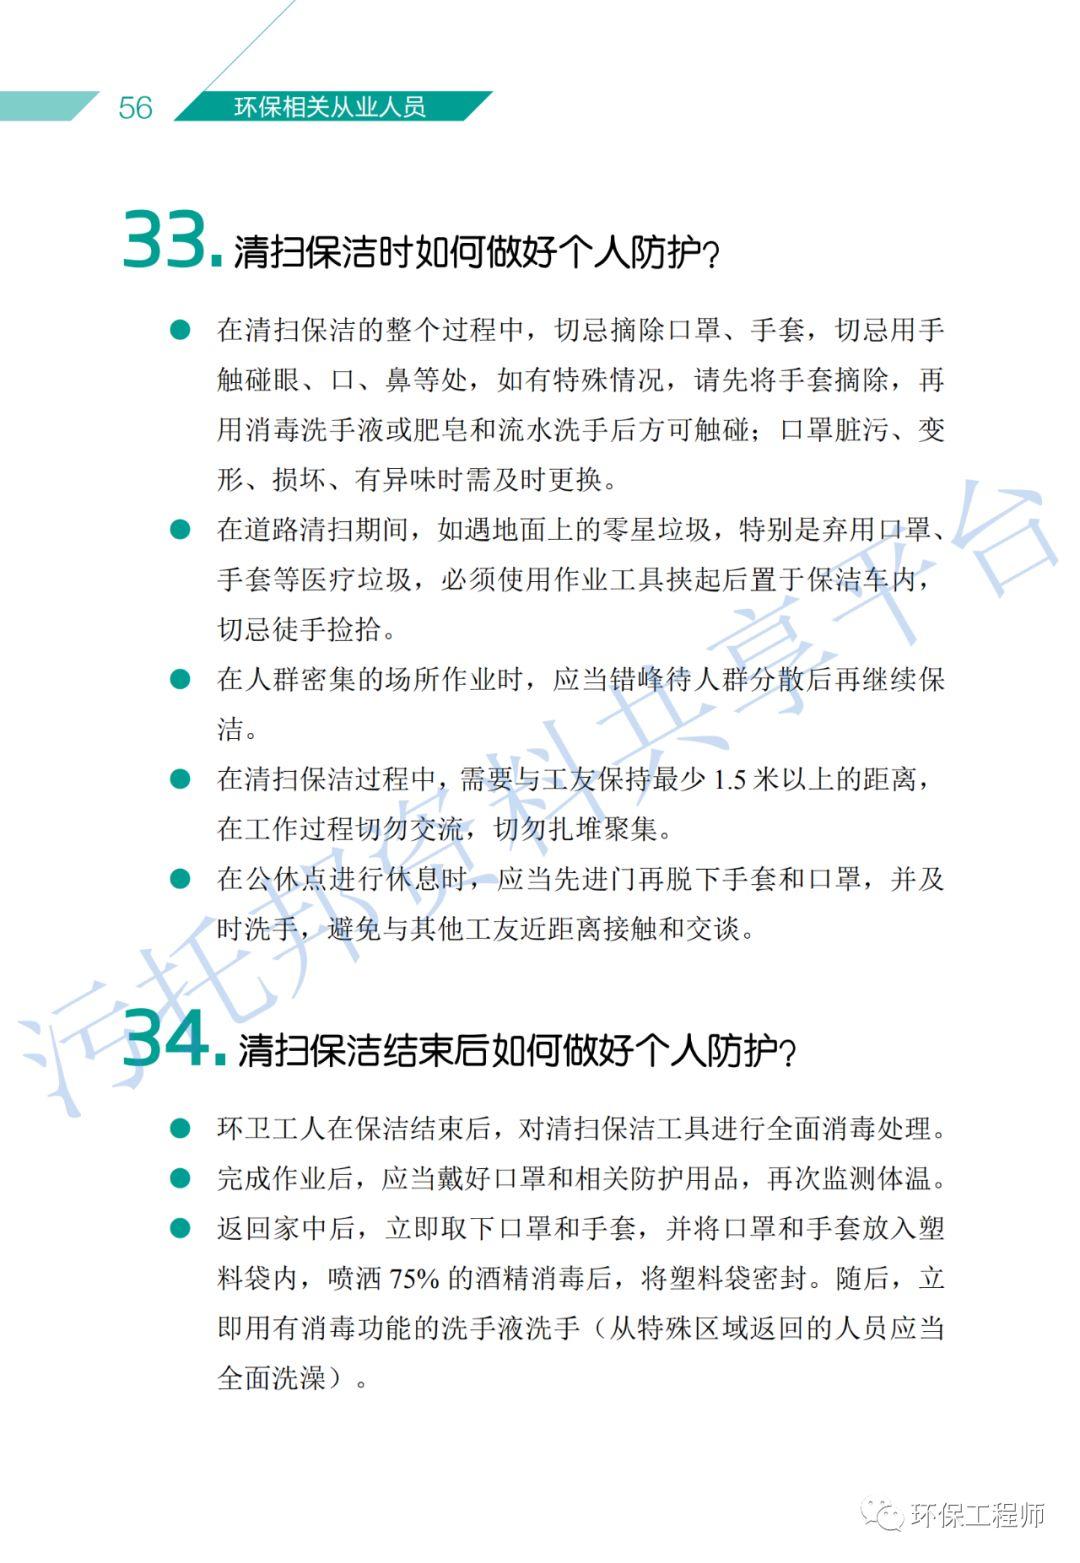 《环保从业人员新型冠状病毒疫情防护手册》_36